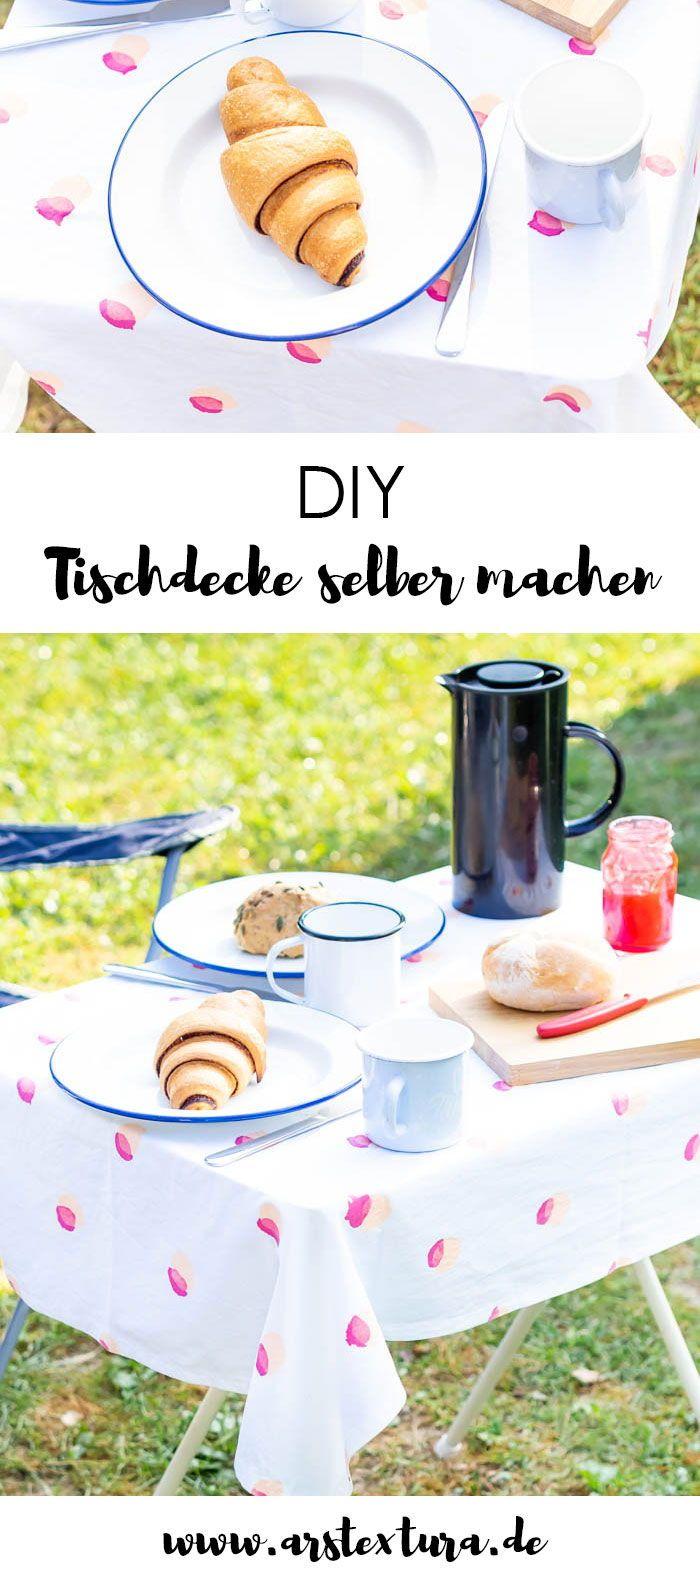 Tischdecke Selber Machen Nahen Sewing Pinterest Diy Und Diy Food